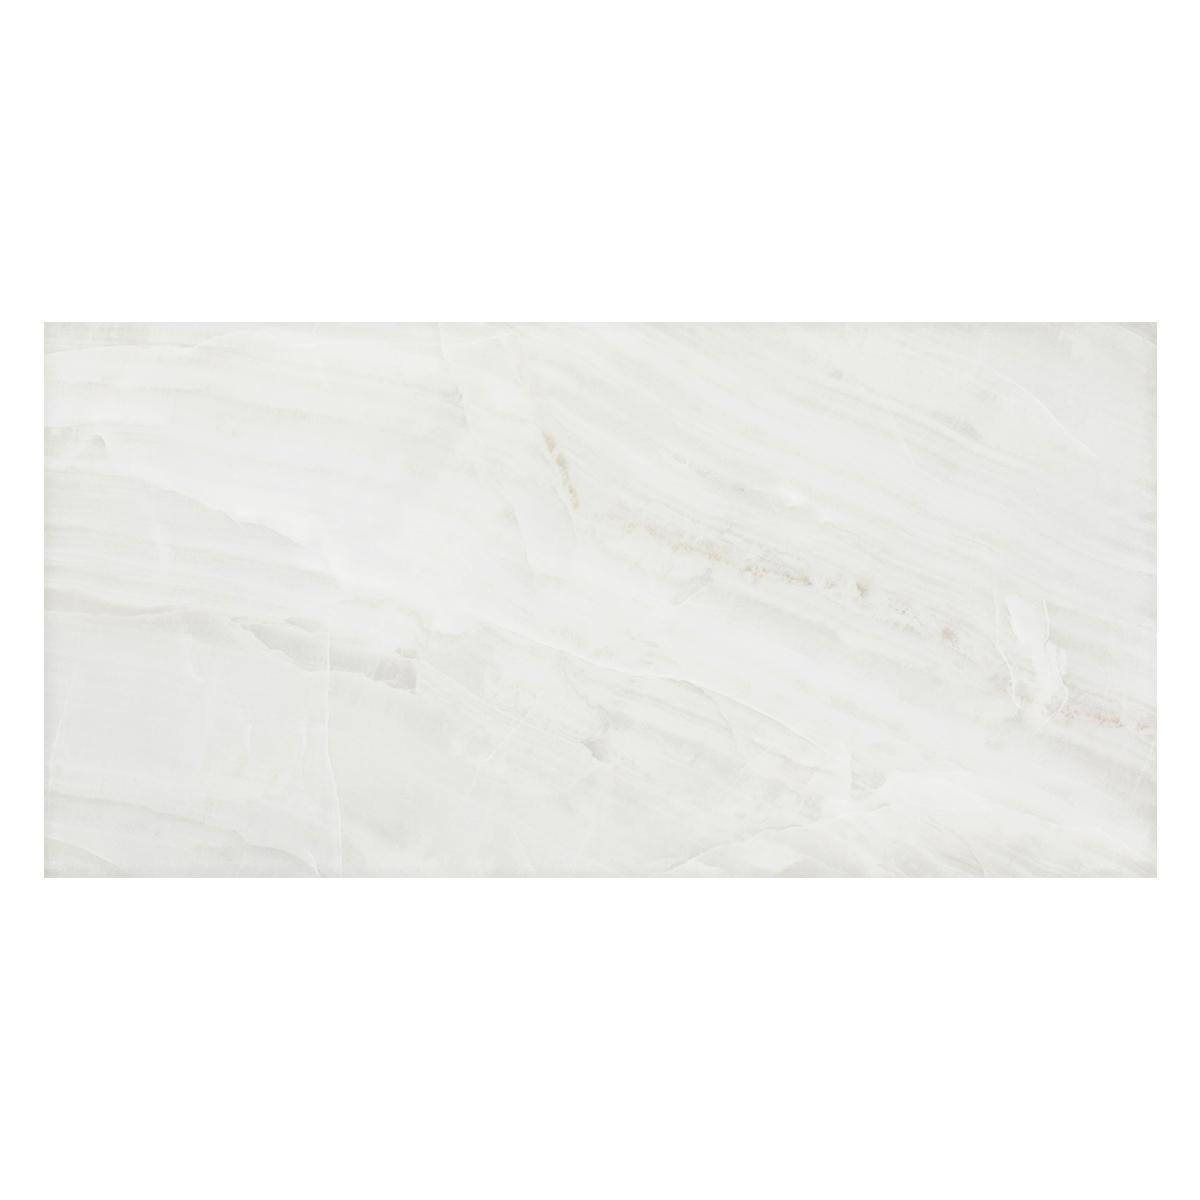 Porcelanato Perola Blanco Brillante - 59.4X118.2 cm - 1.39 m2